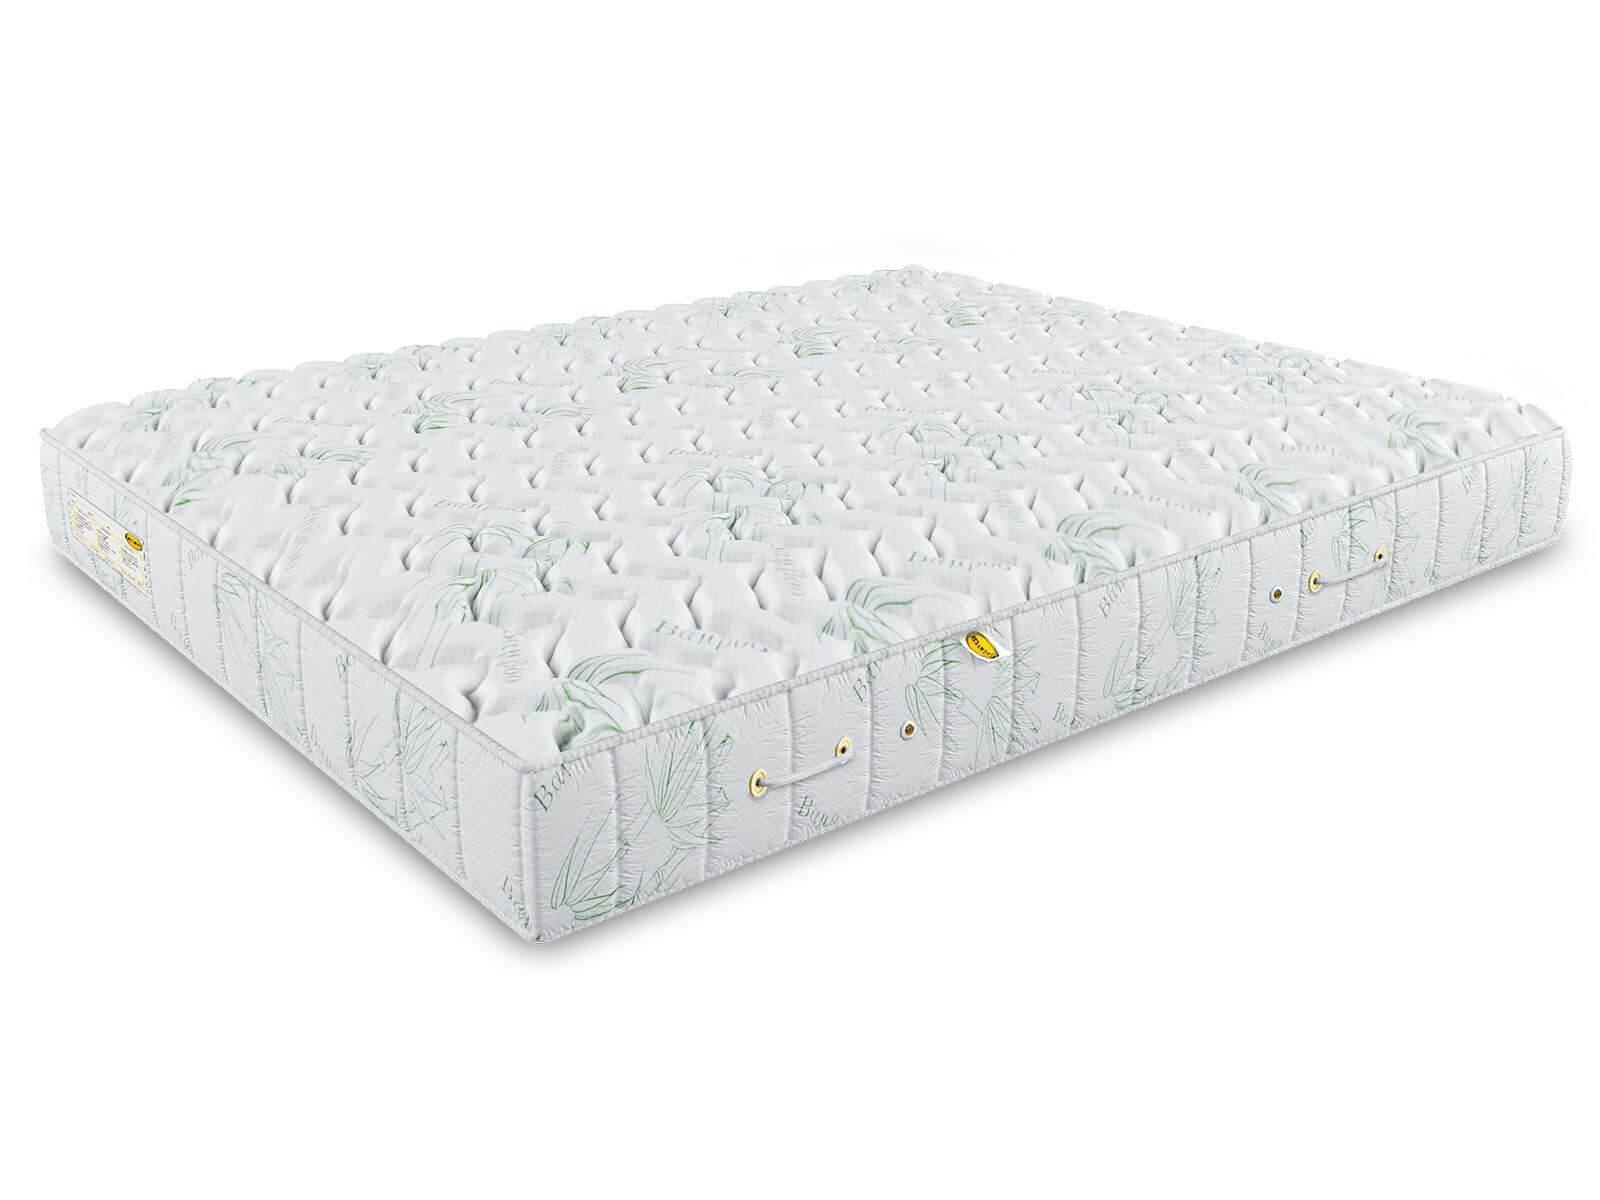 Стандартные размеры кровати матраса